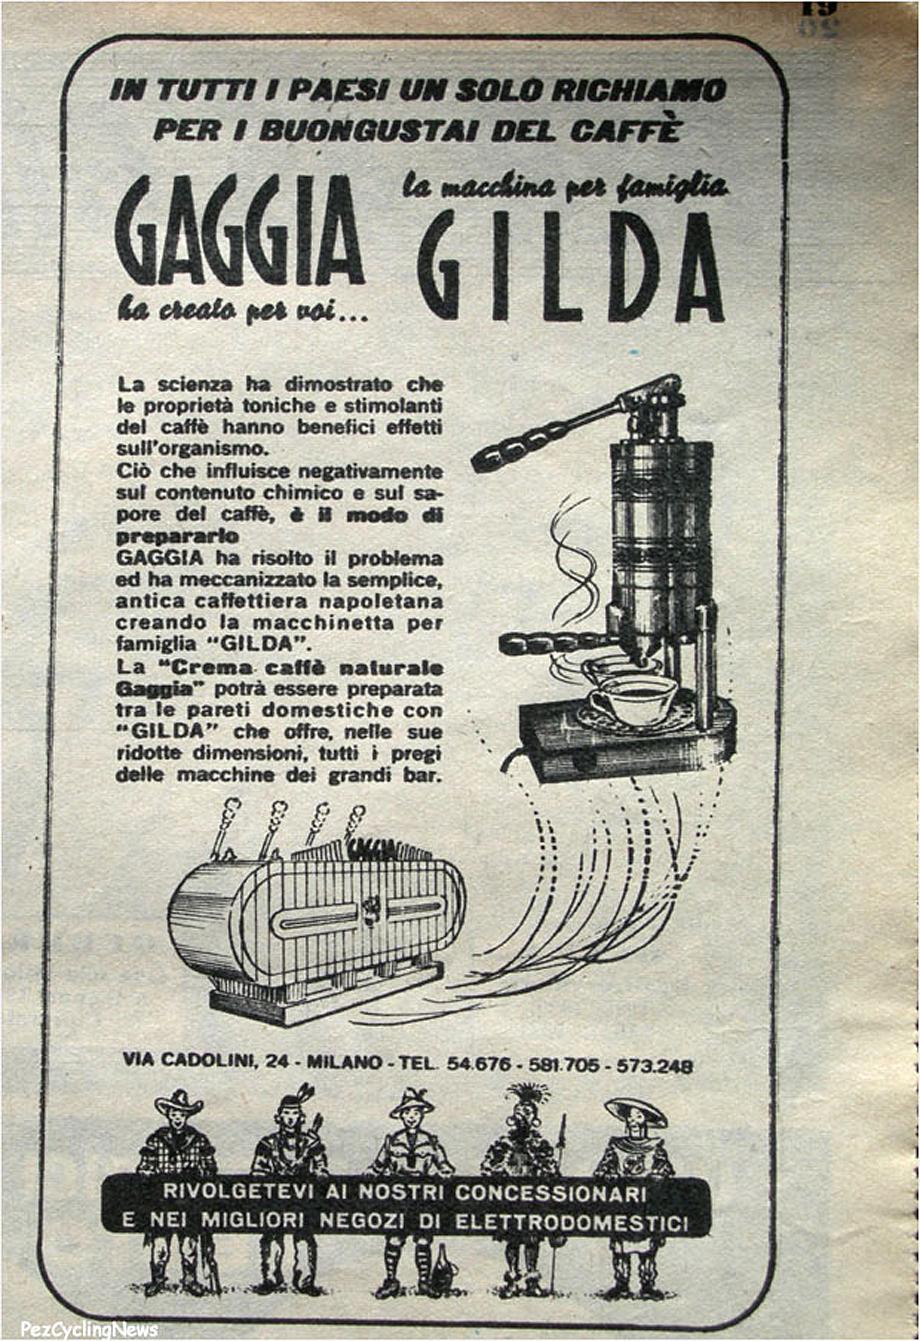 lombardia1952-gaggia-920